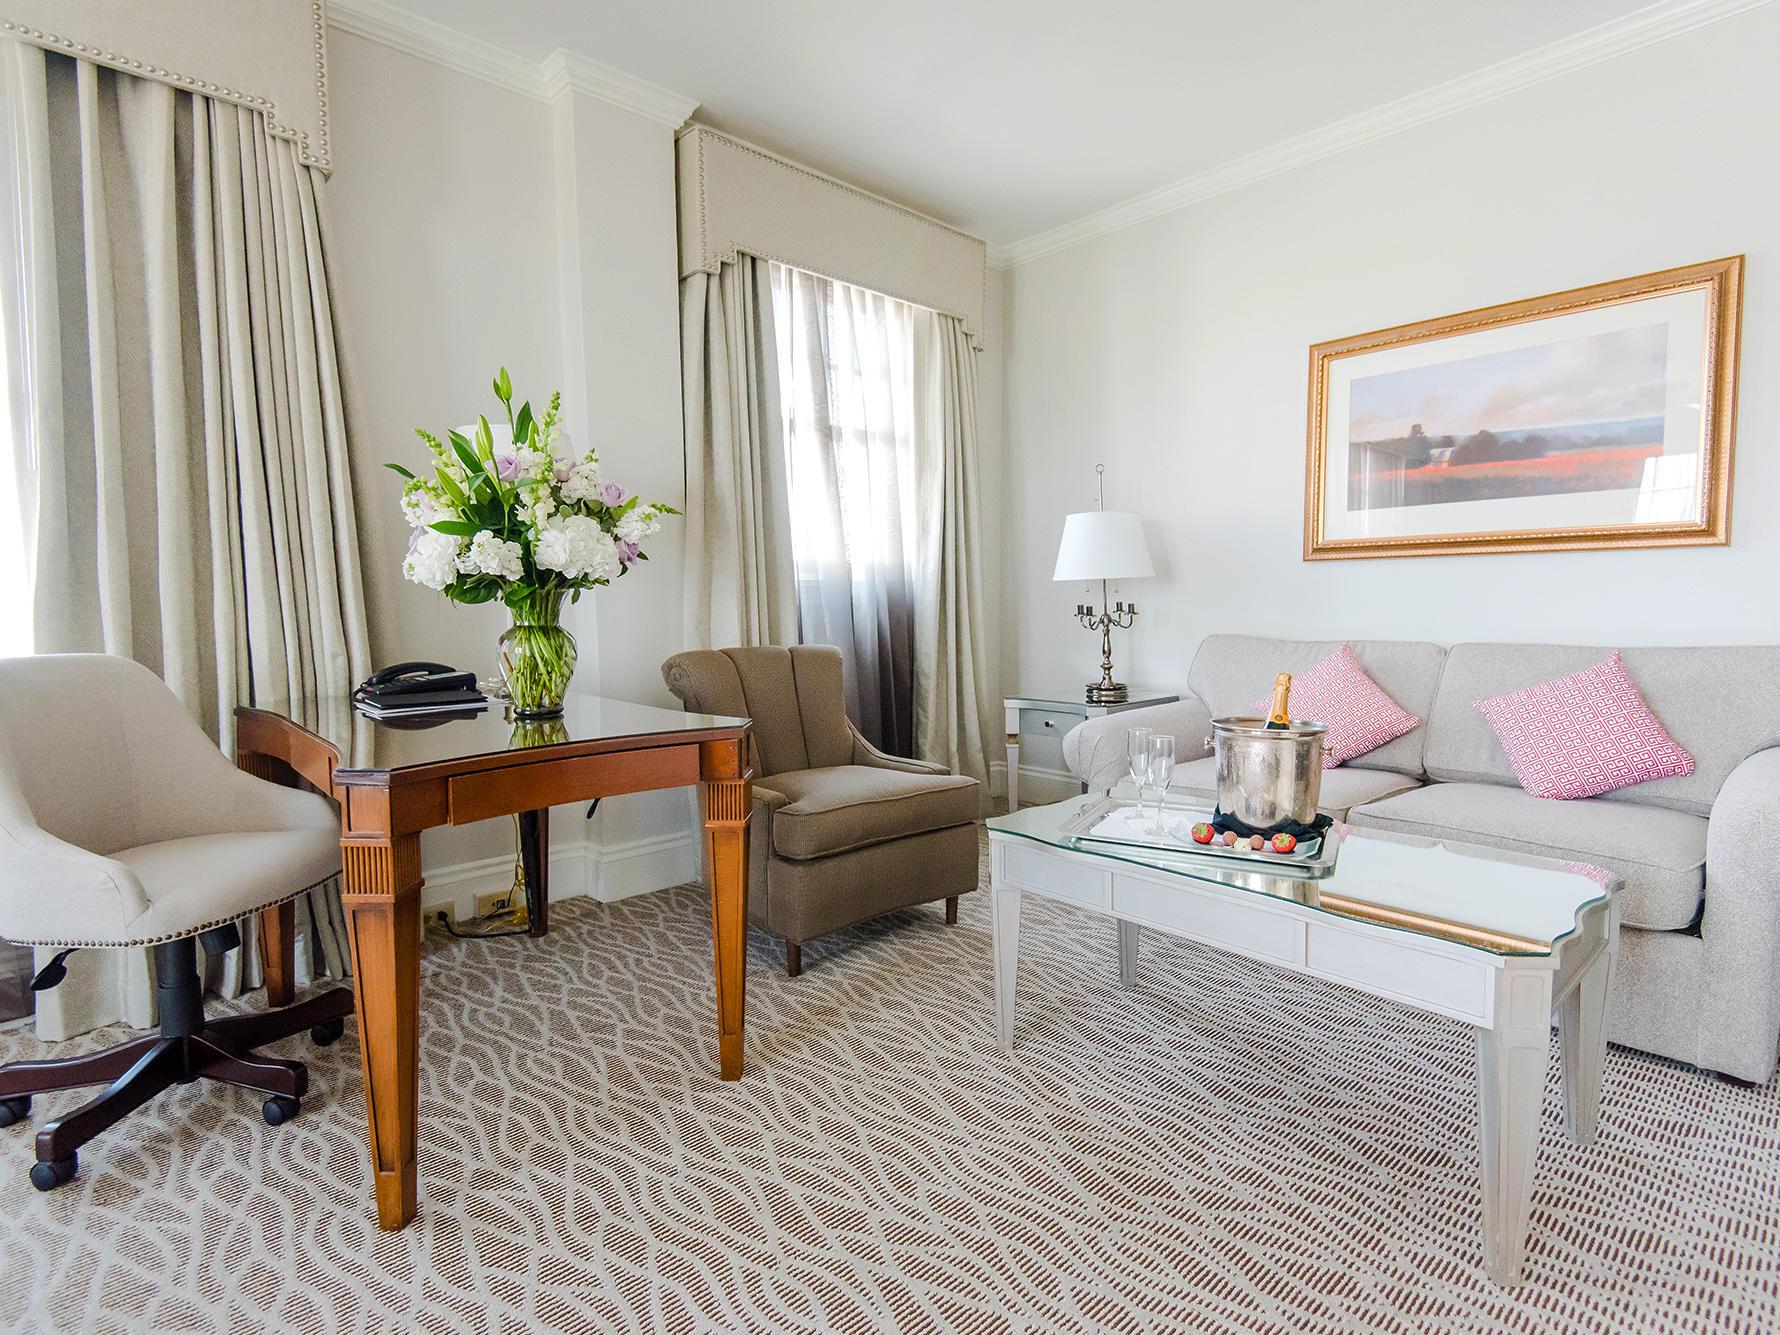 Corner Room King at Warwick Melrose - Dallas